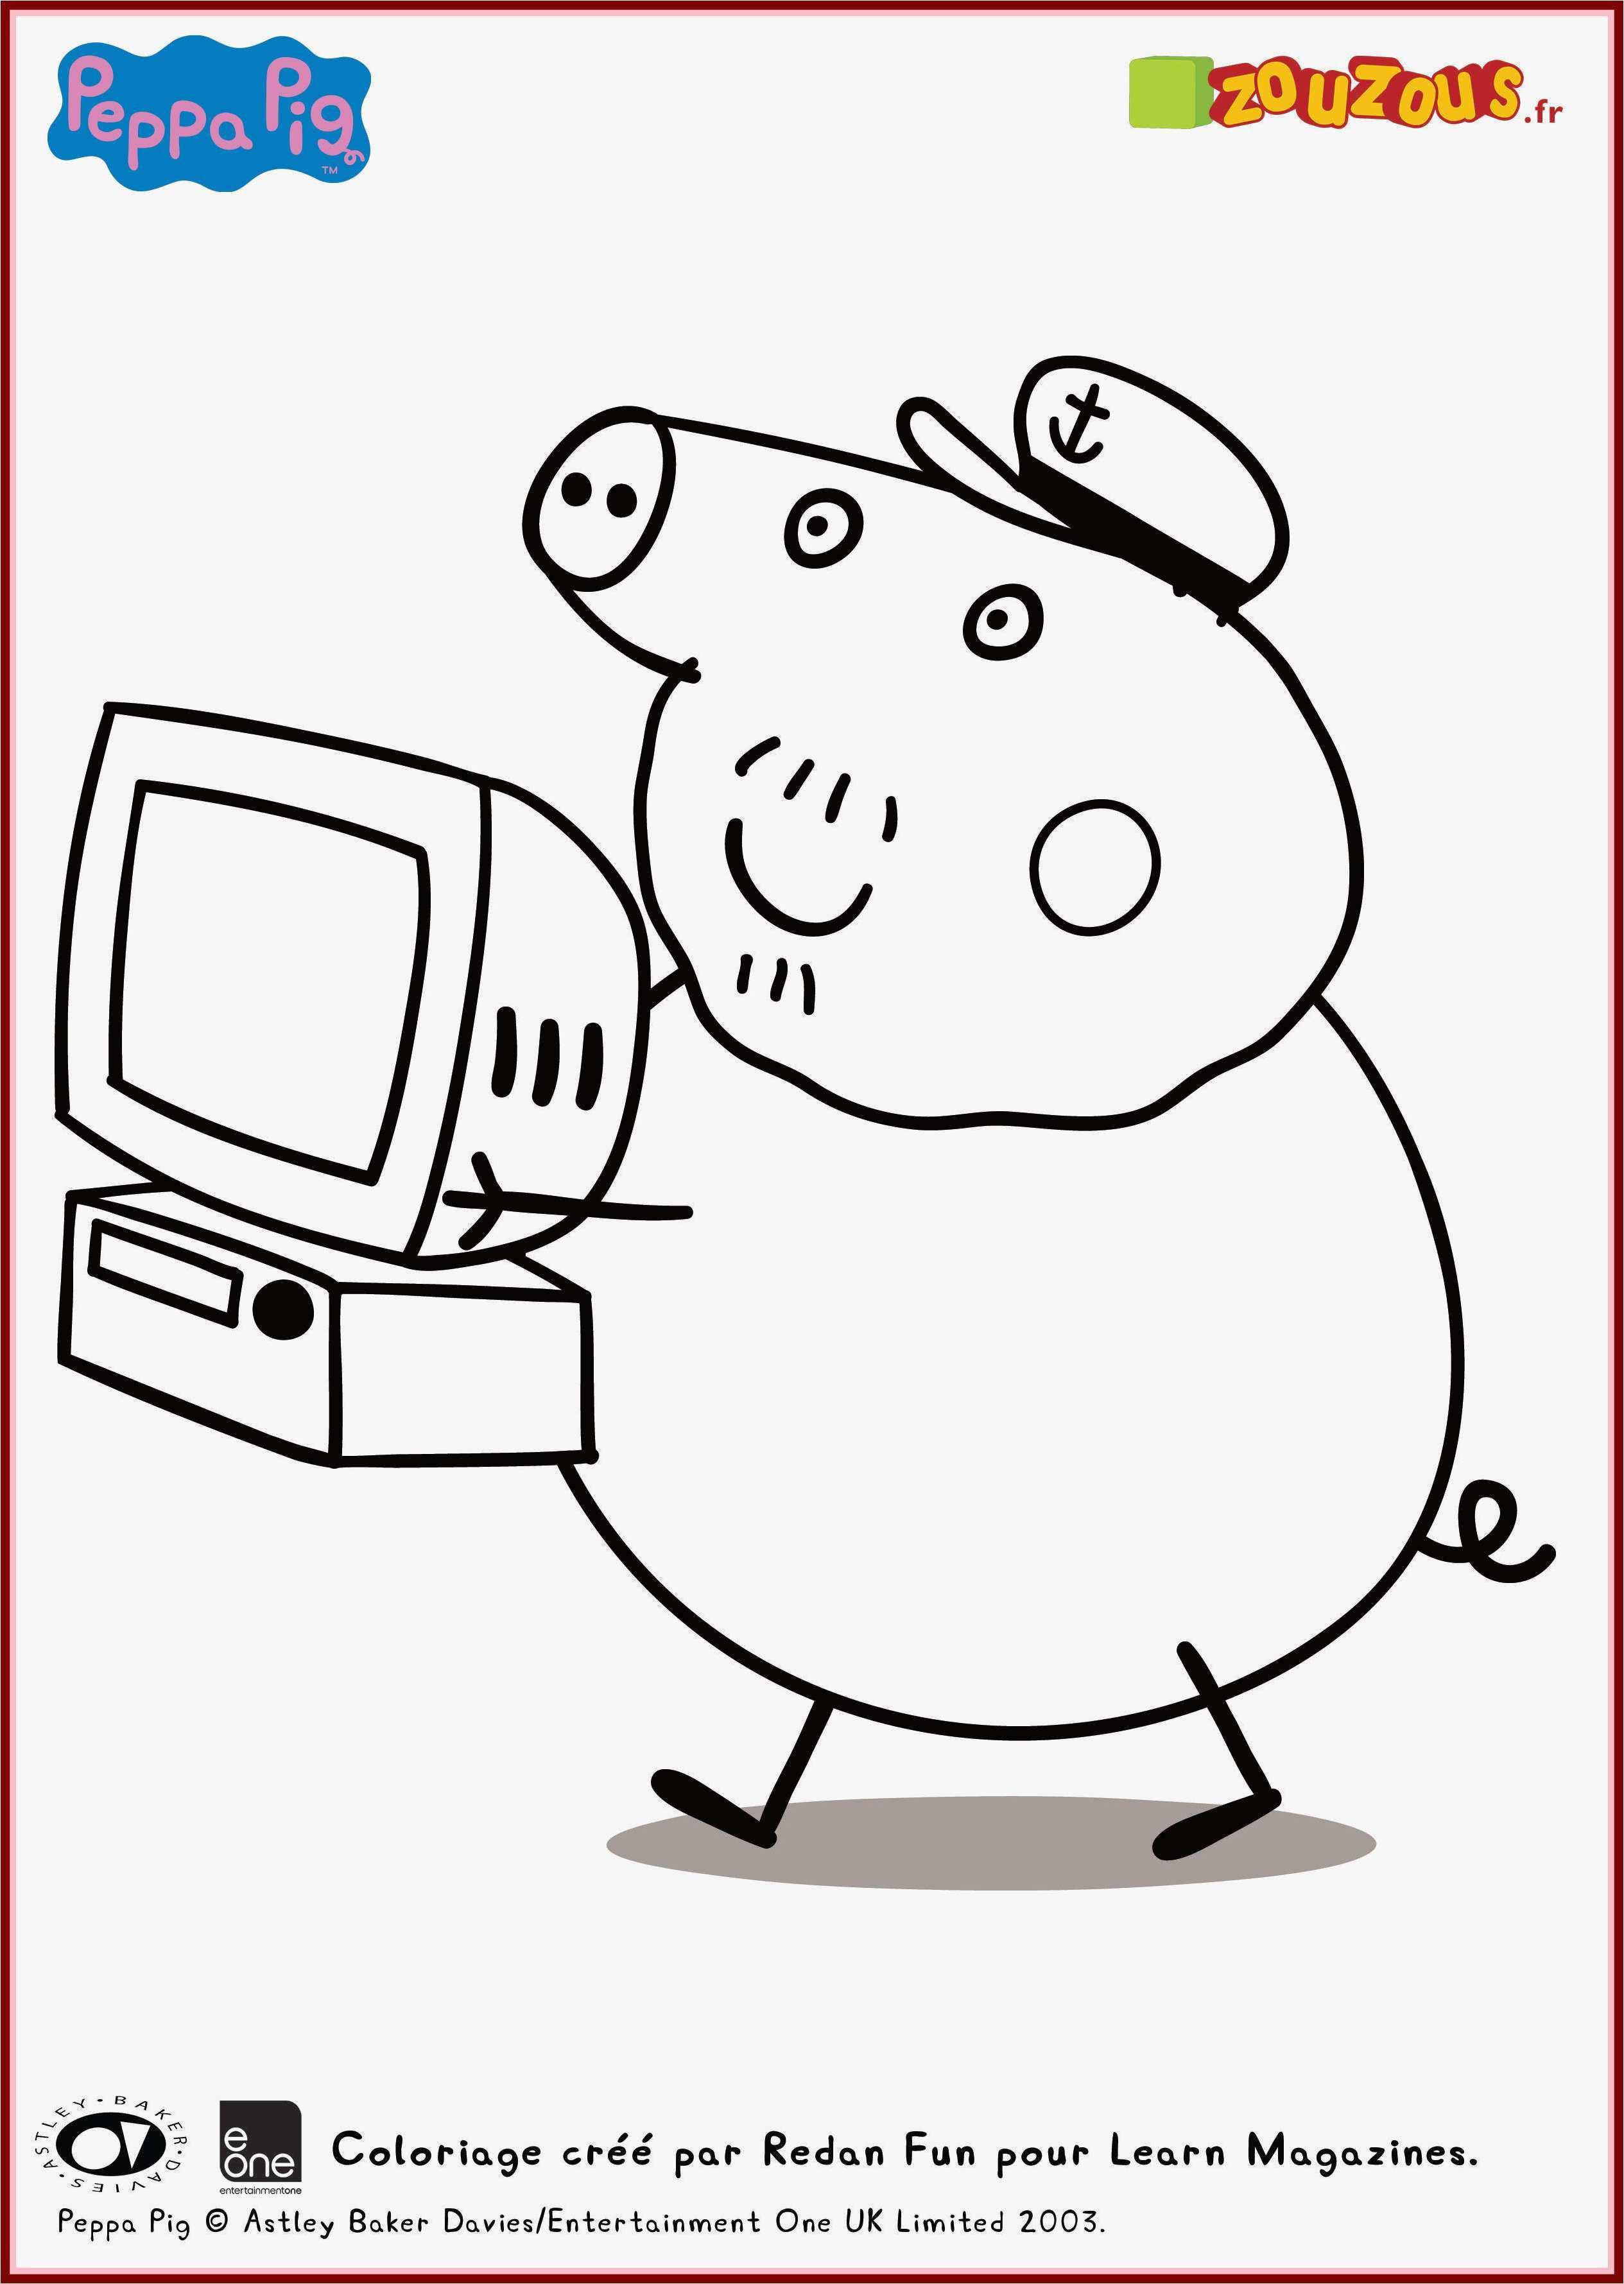 Peppa Pig Ausmalbilder Das Beste Von Free Peppa Pig Coloring Pages New Verschiedene Bilder Färben Bild